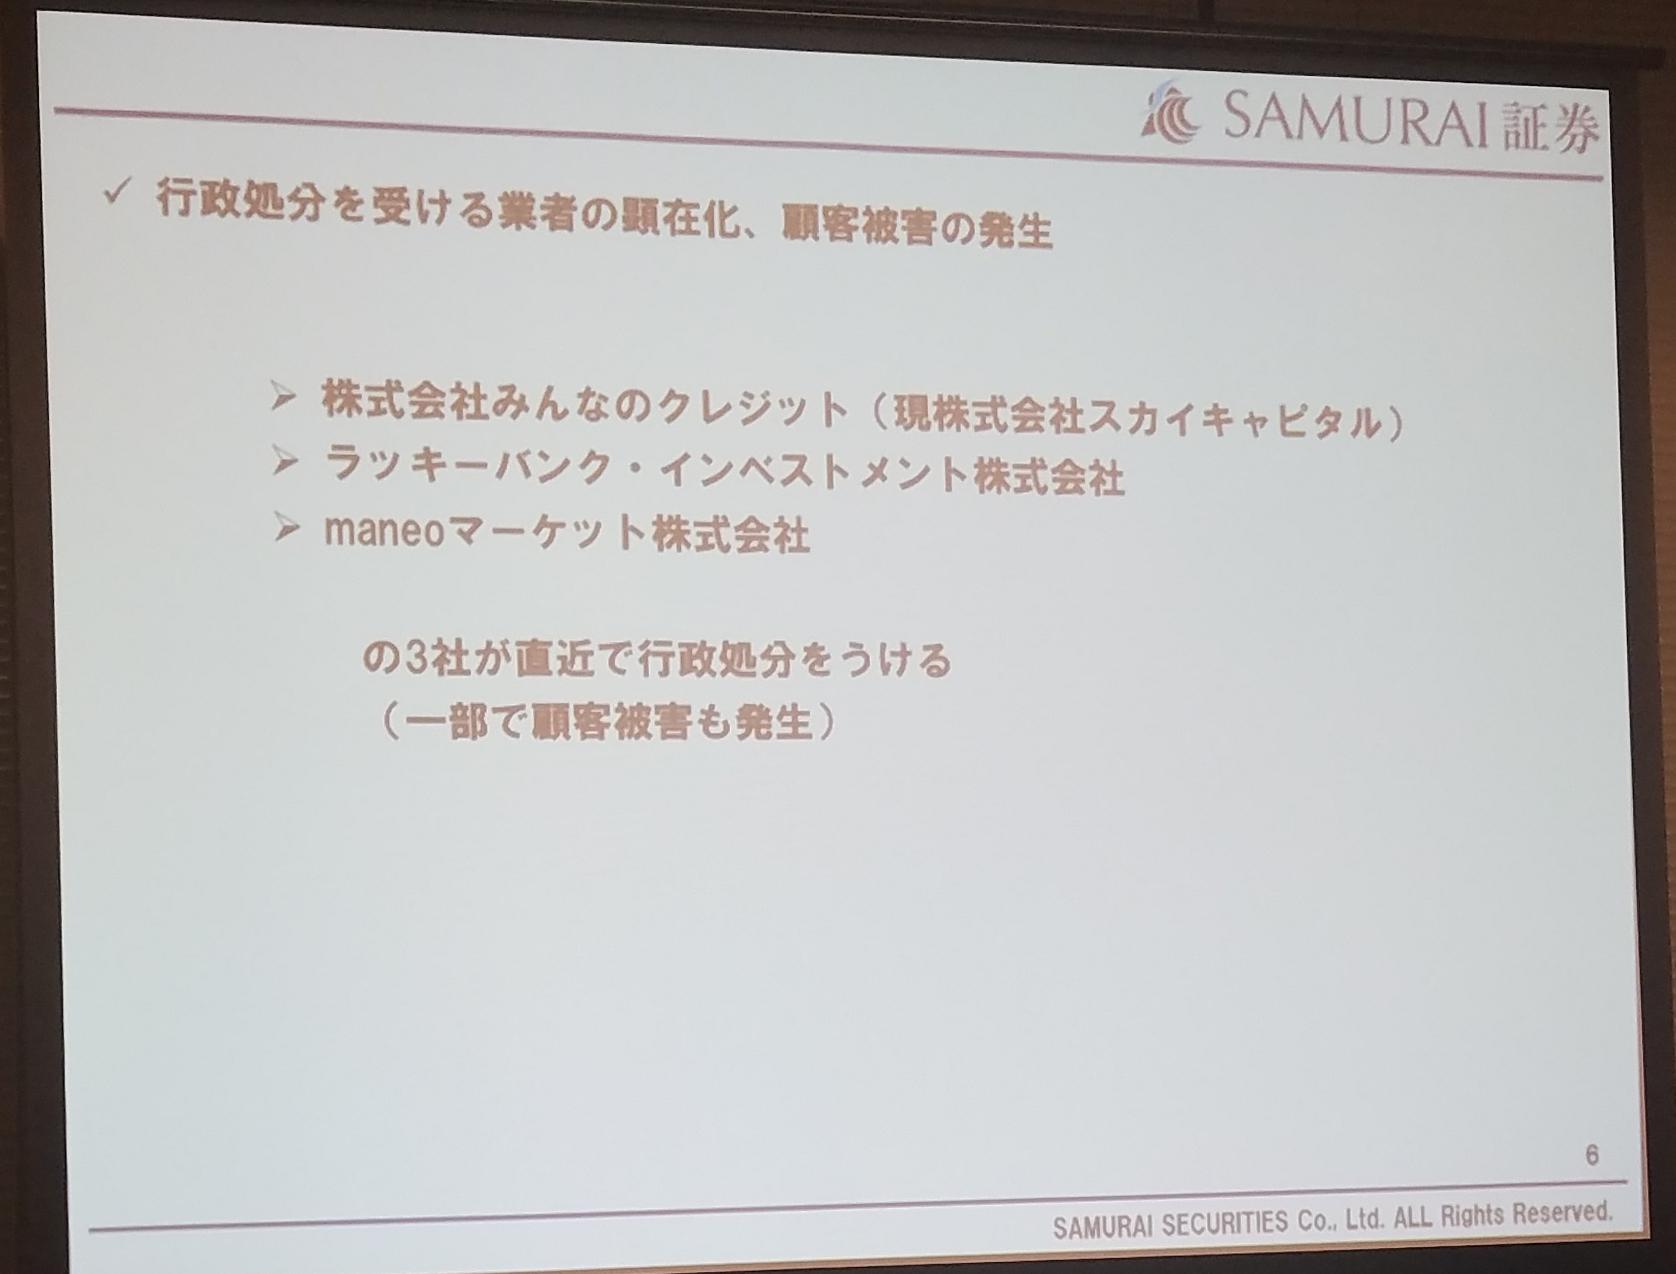 06_SAMURAIセミナー参加報告